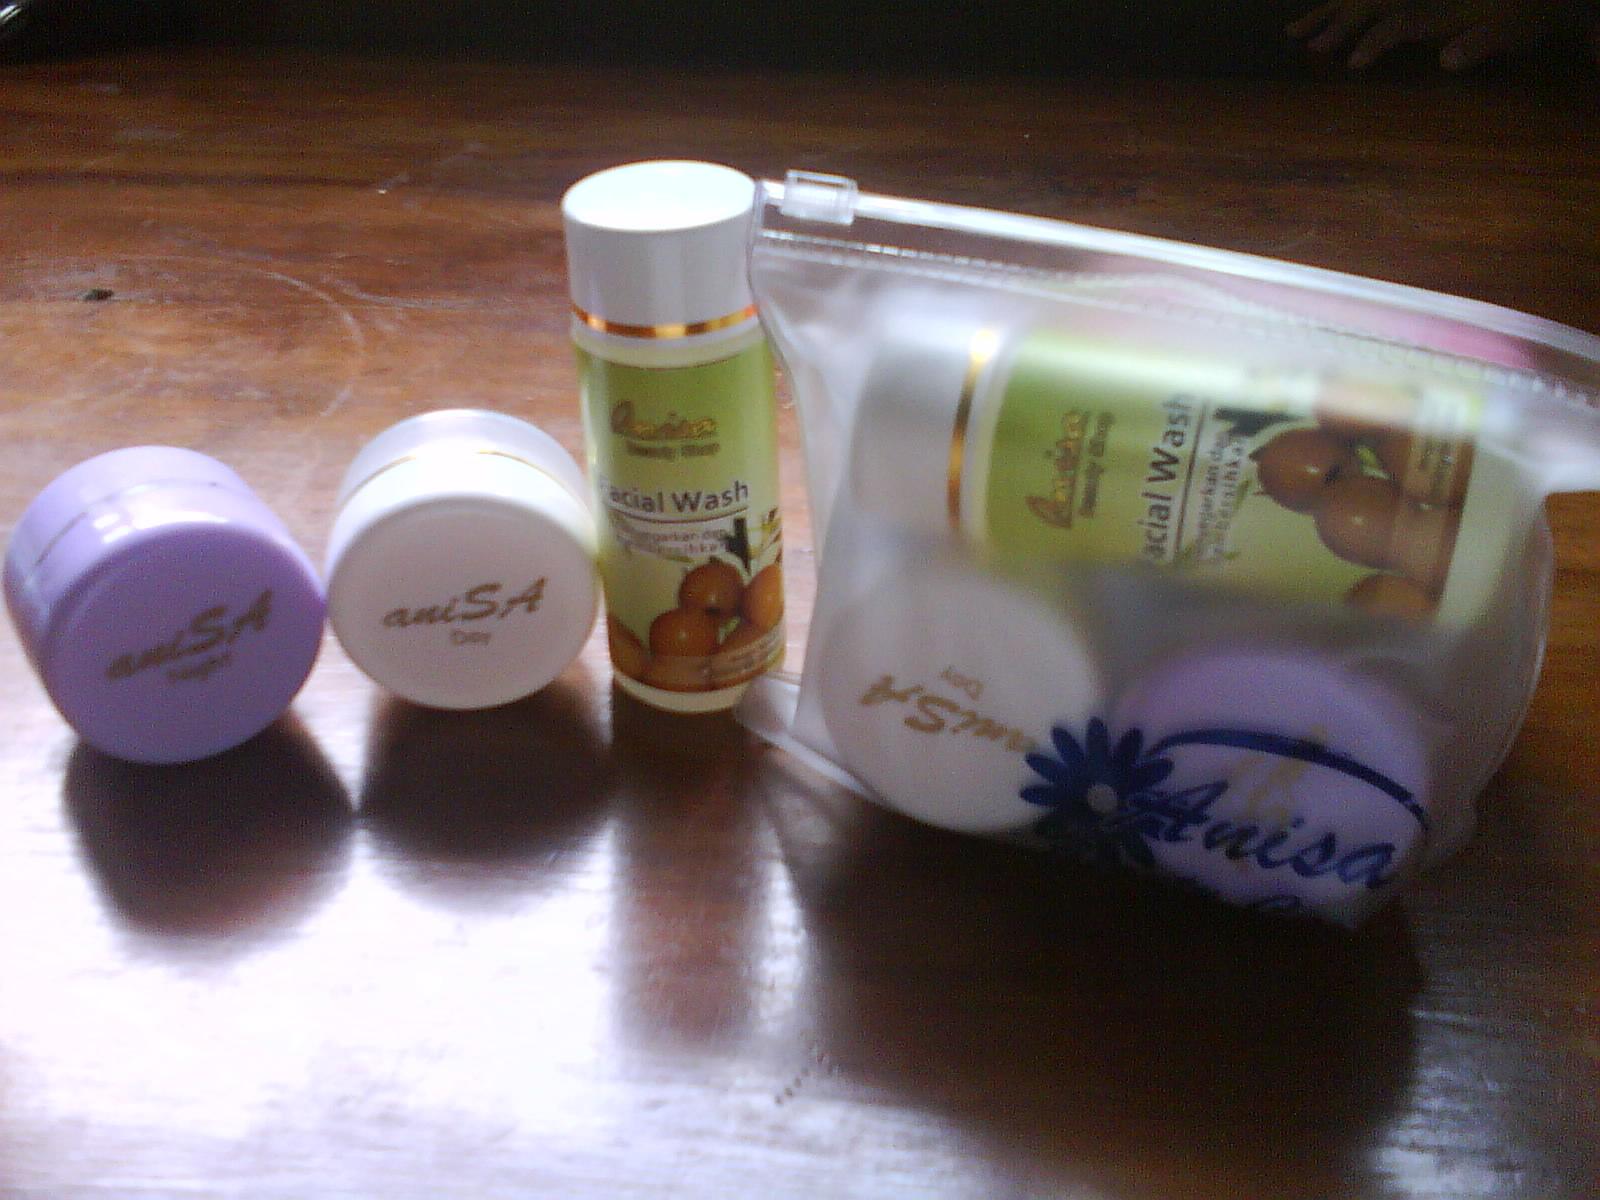 Anisa Beauty Care Manfaat Minyak Zaitun Dan Ekstrak Susu Kambing Paket Sabun Cair